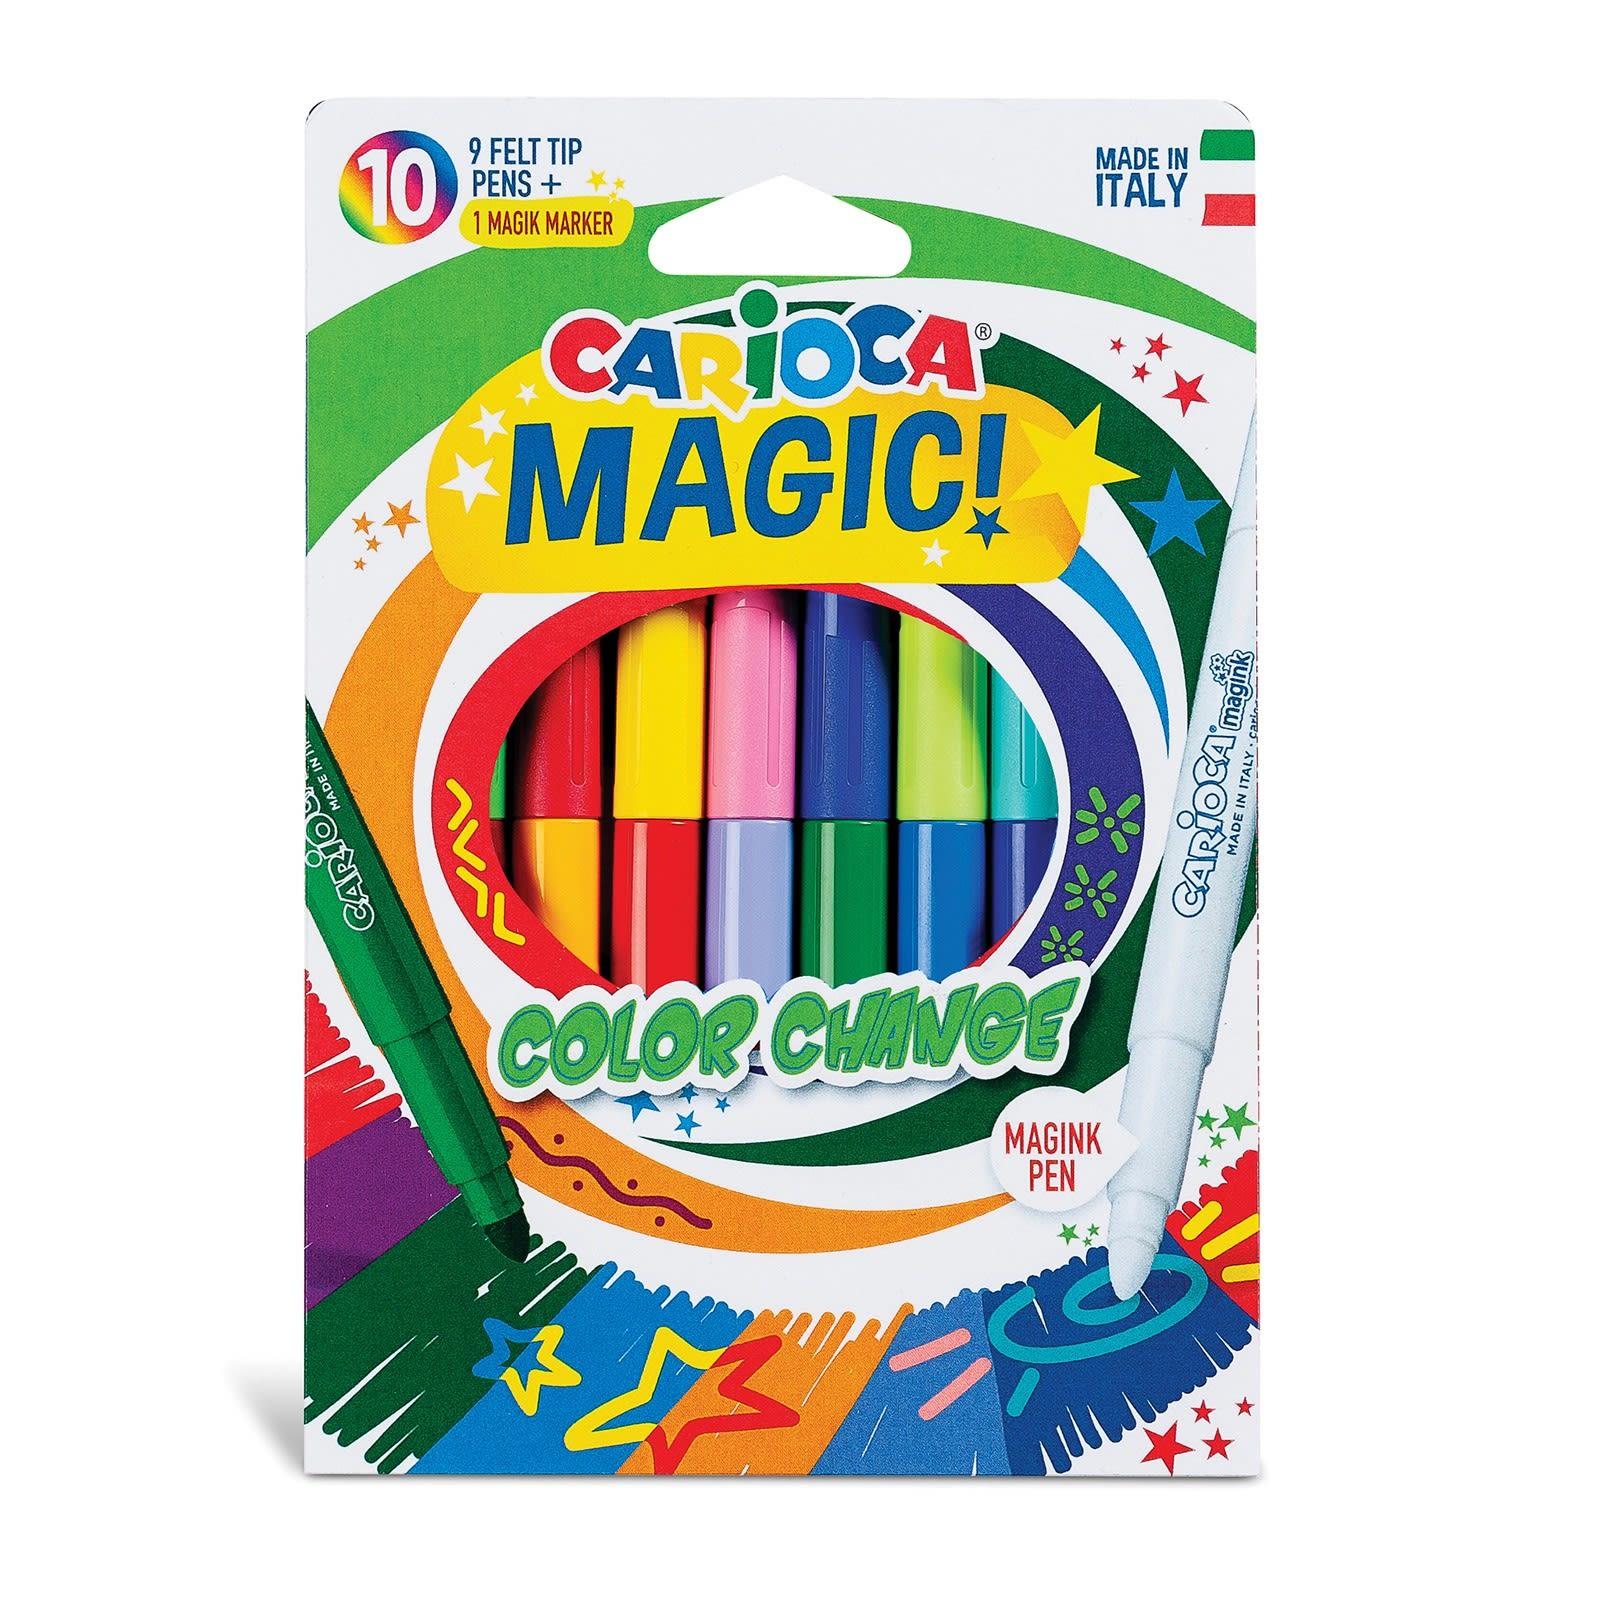 Carioca Magic Color Change (9+1 Magic Pen) 6mm (42737)